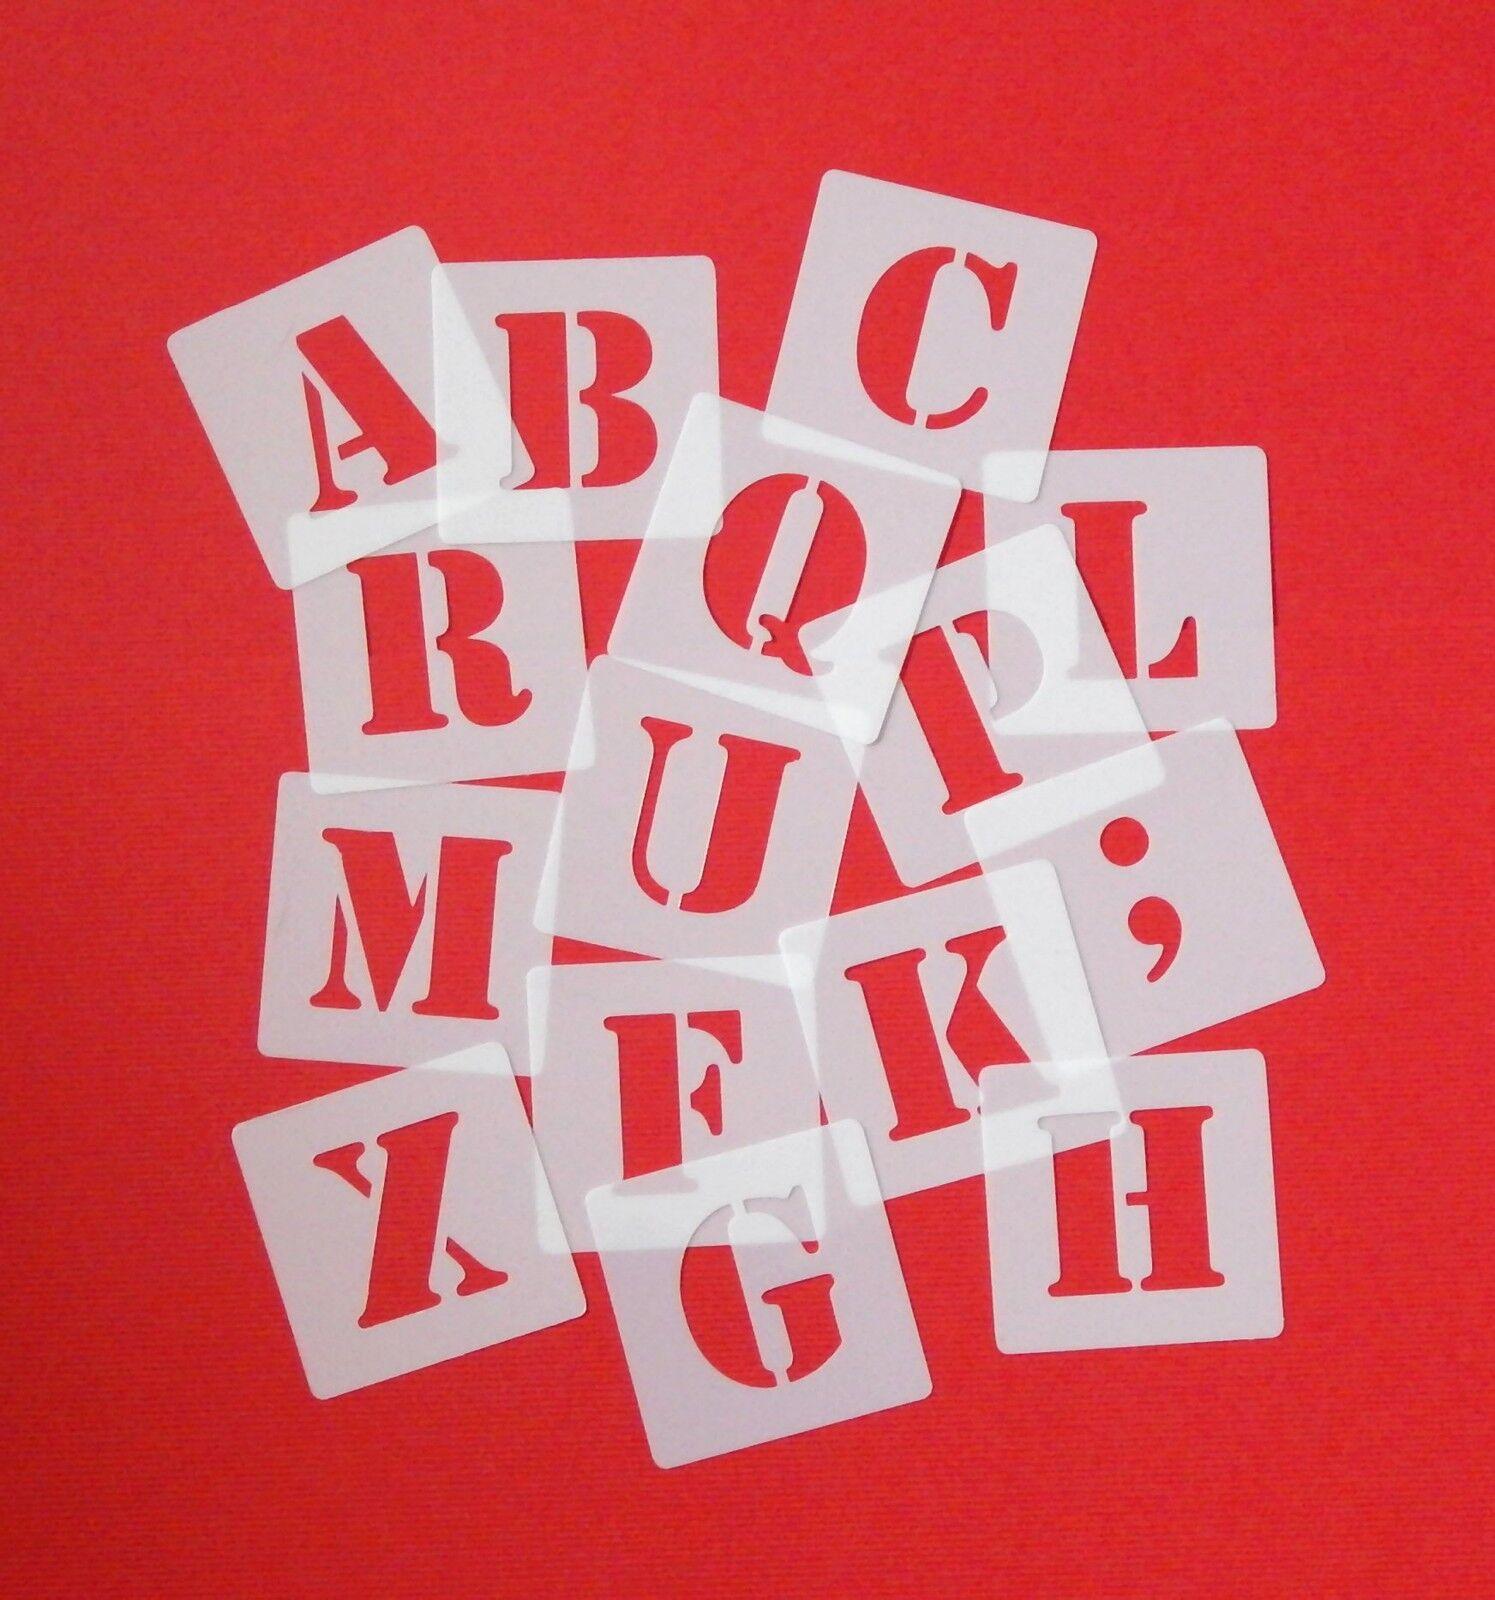 ABC Schriftschablonen 4cm hoch ● Set 30 einzelne Schablonen Buchstaben● Zeichen